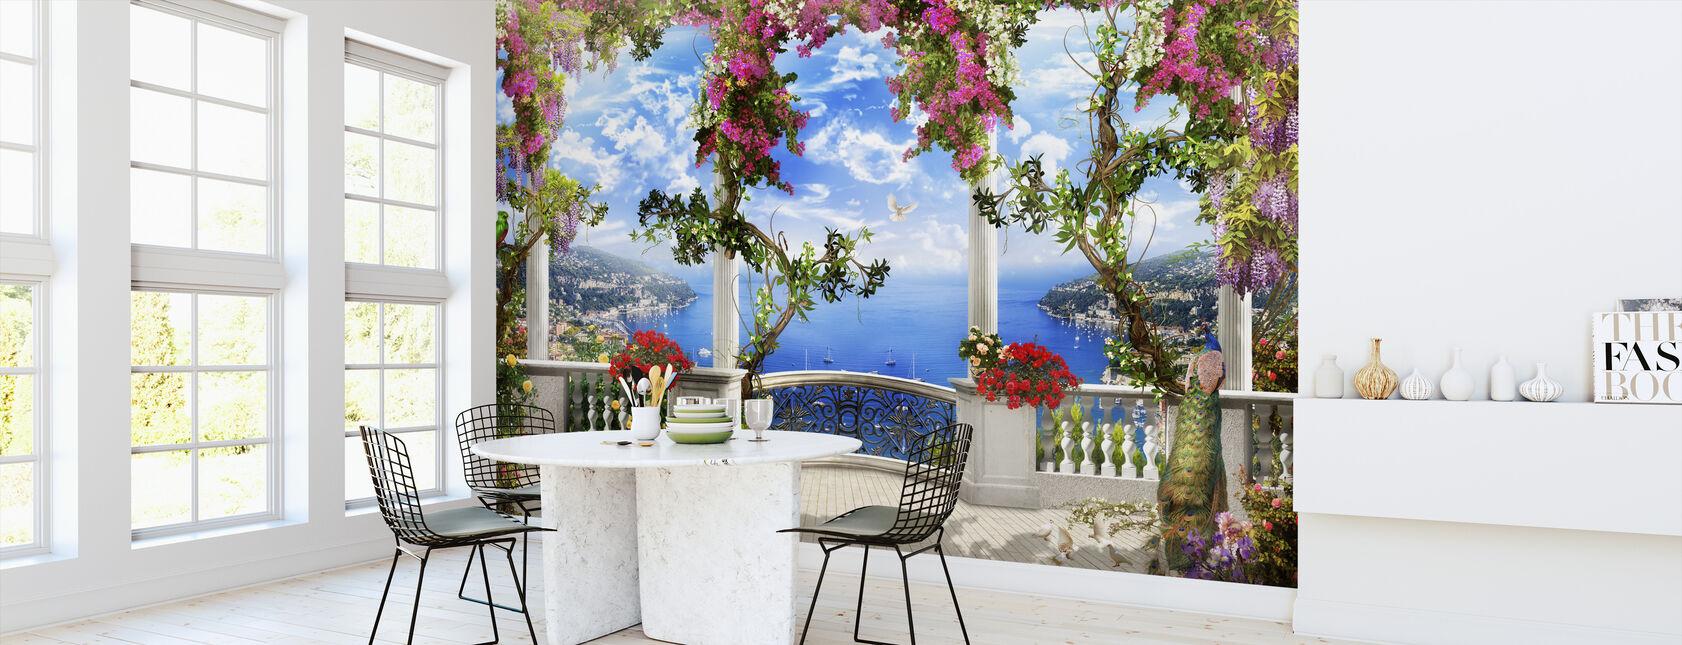 Splendida vista sulla baia - Carta da parati - Cucina